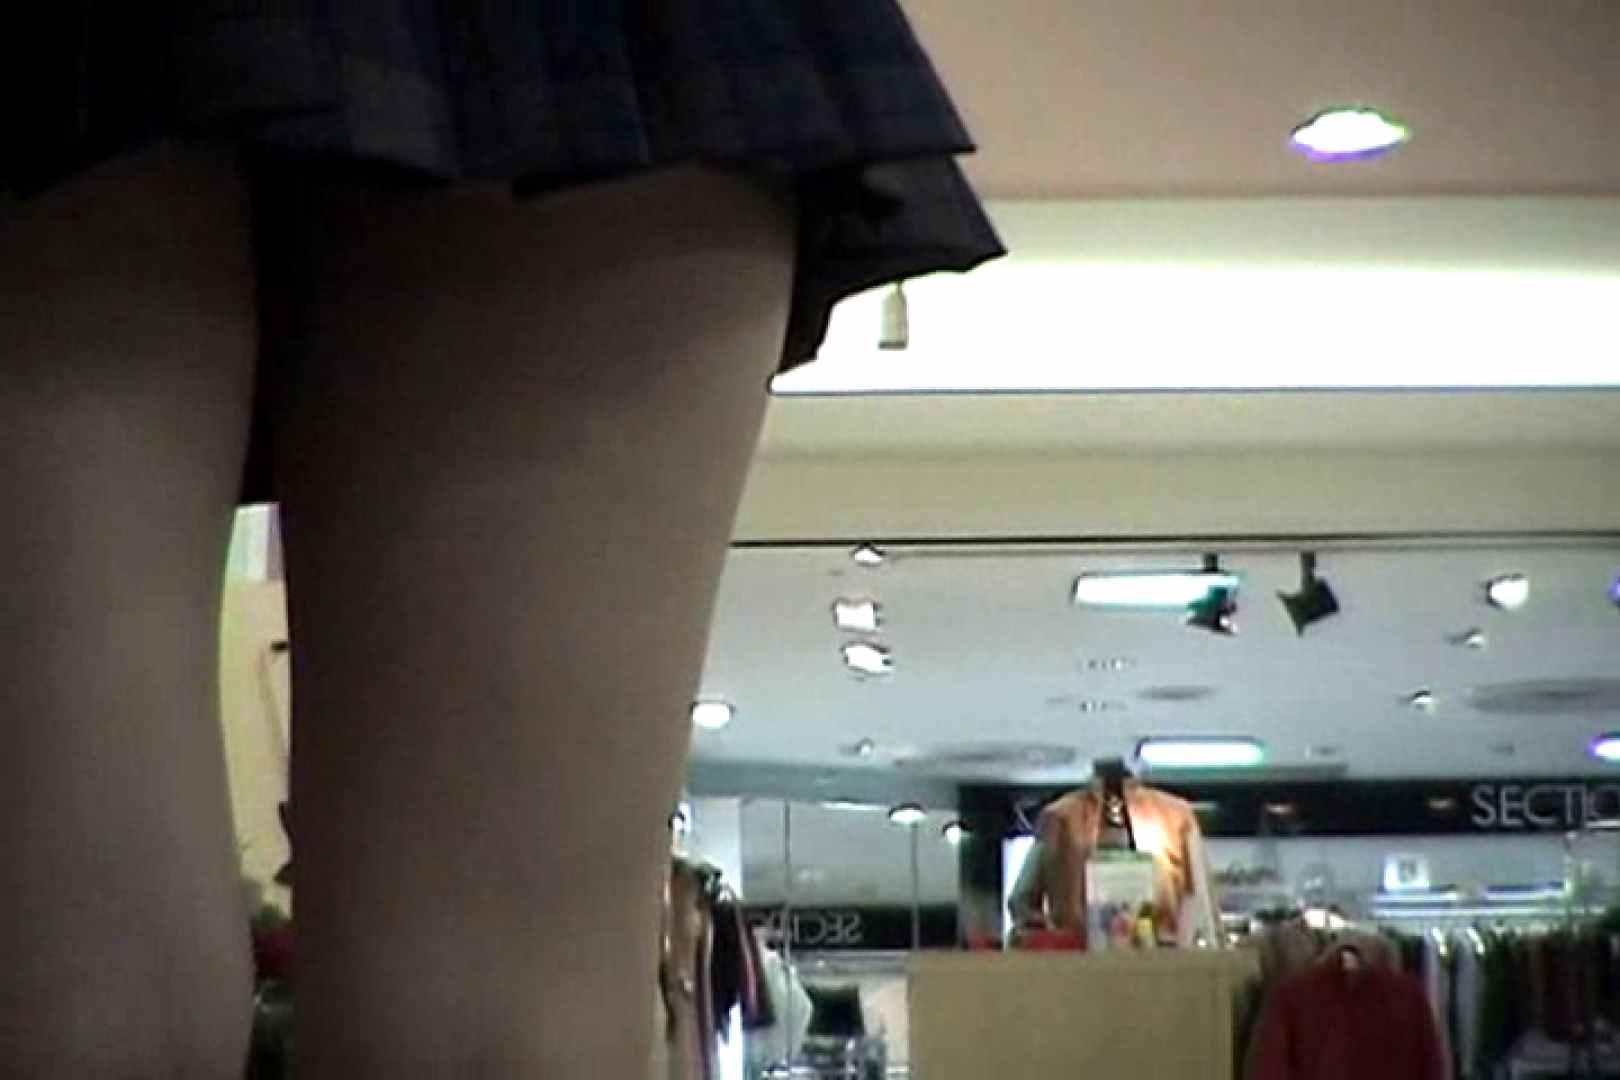 がぶりより!!ムレヌレパンツVol.5 ミニスカート 覗き性交動画流出 89画像 39